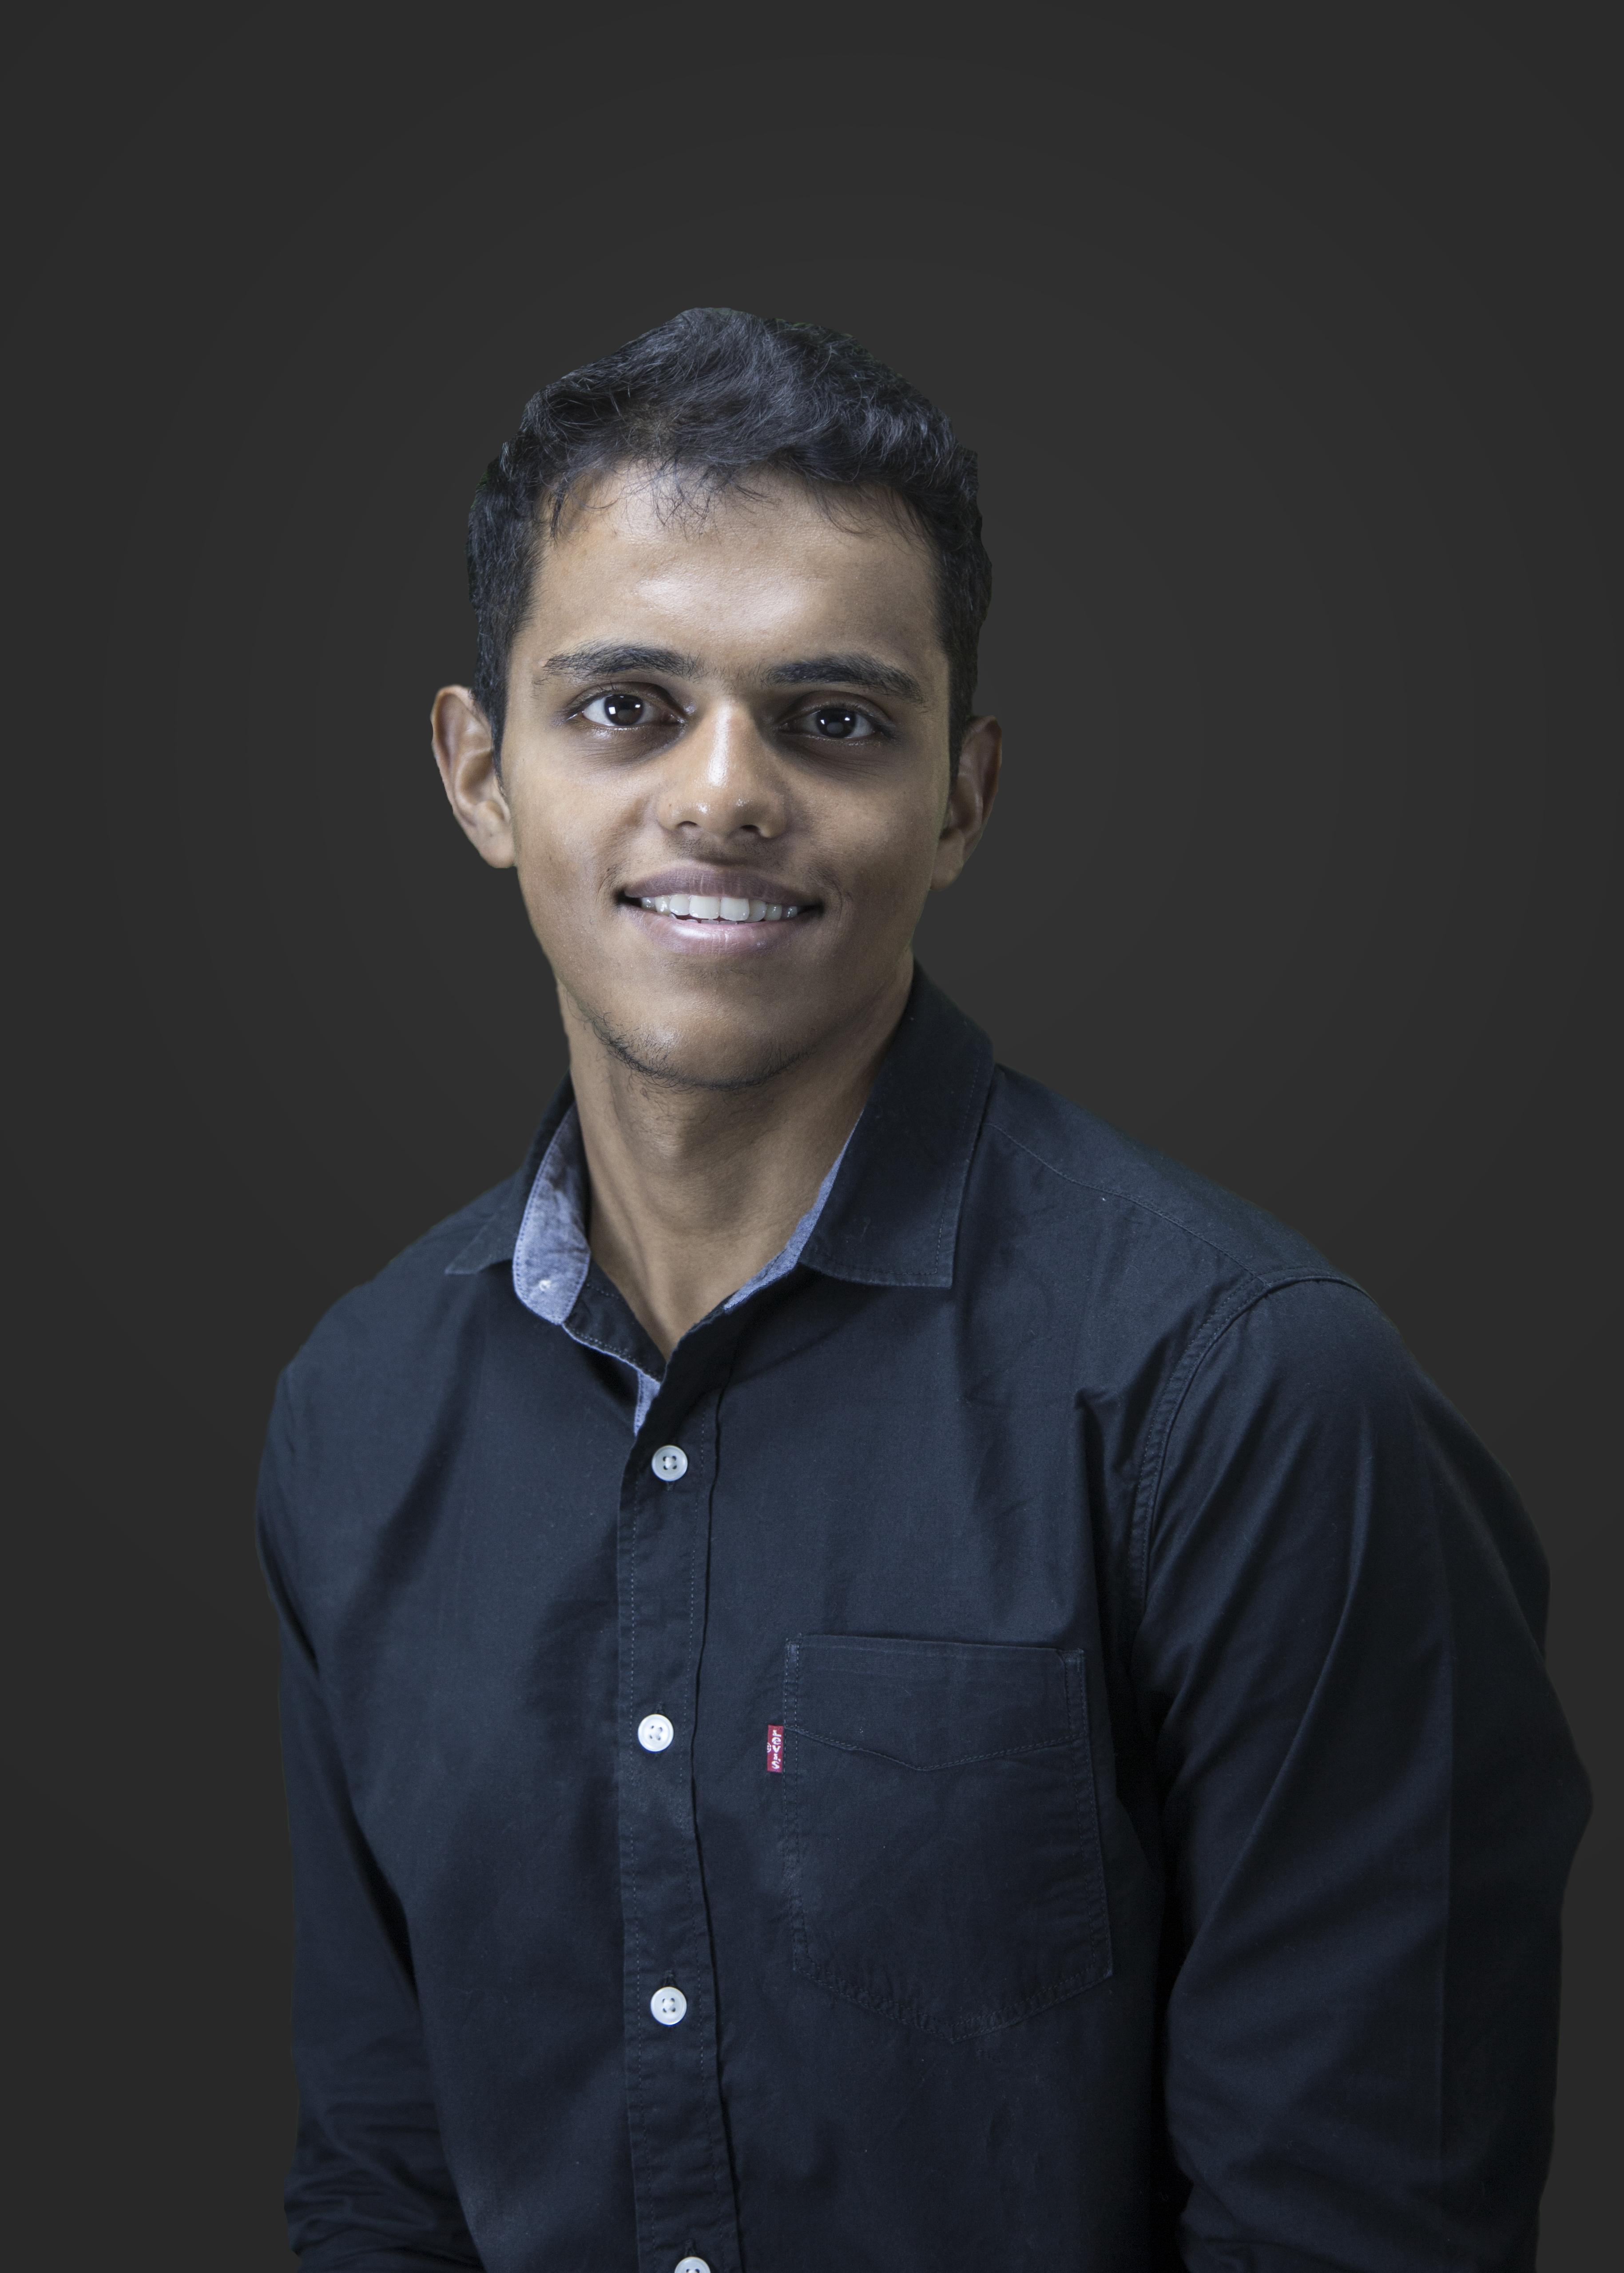 Aakash Athawasya